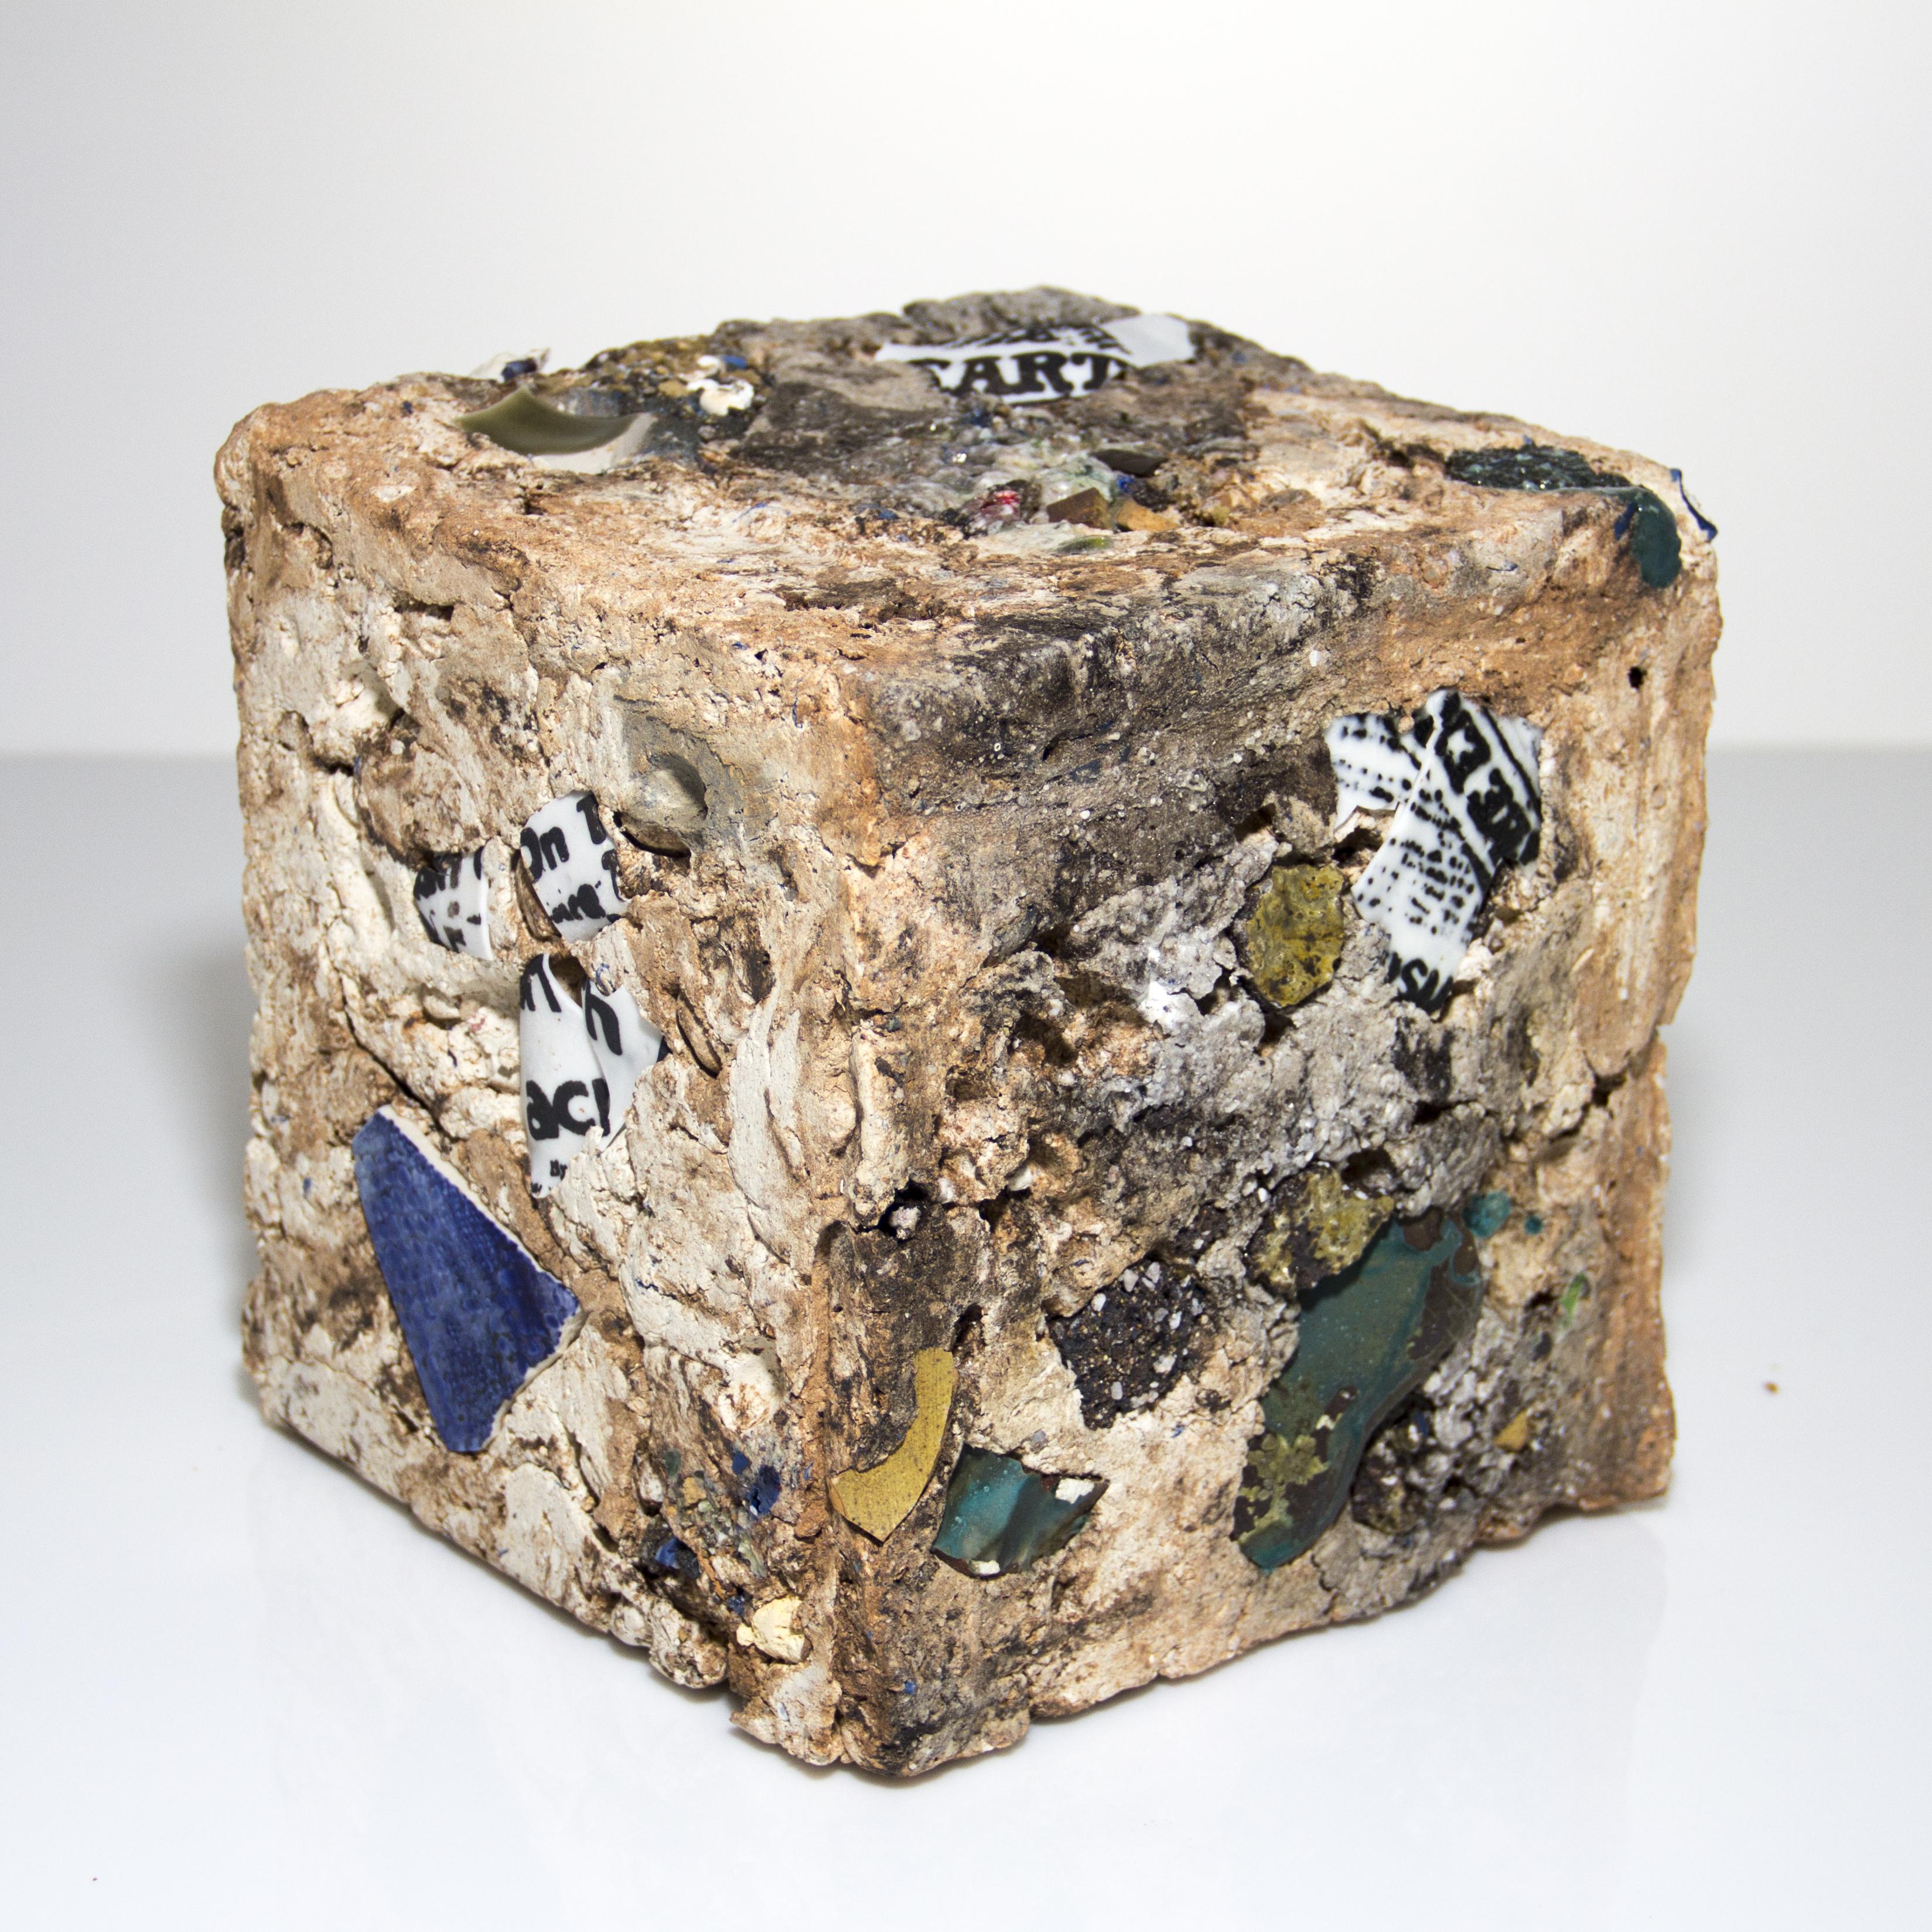 cubic ceramic sculpture